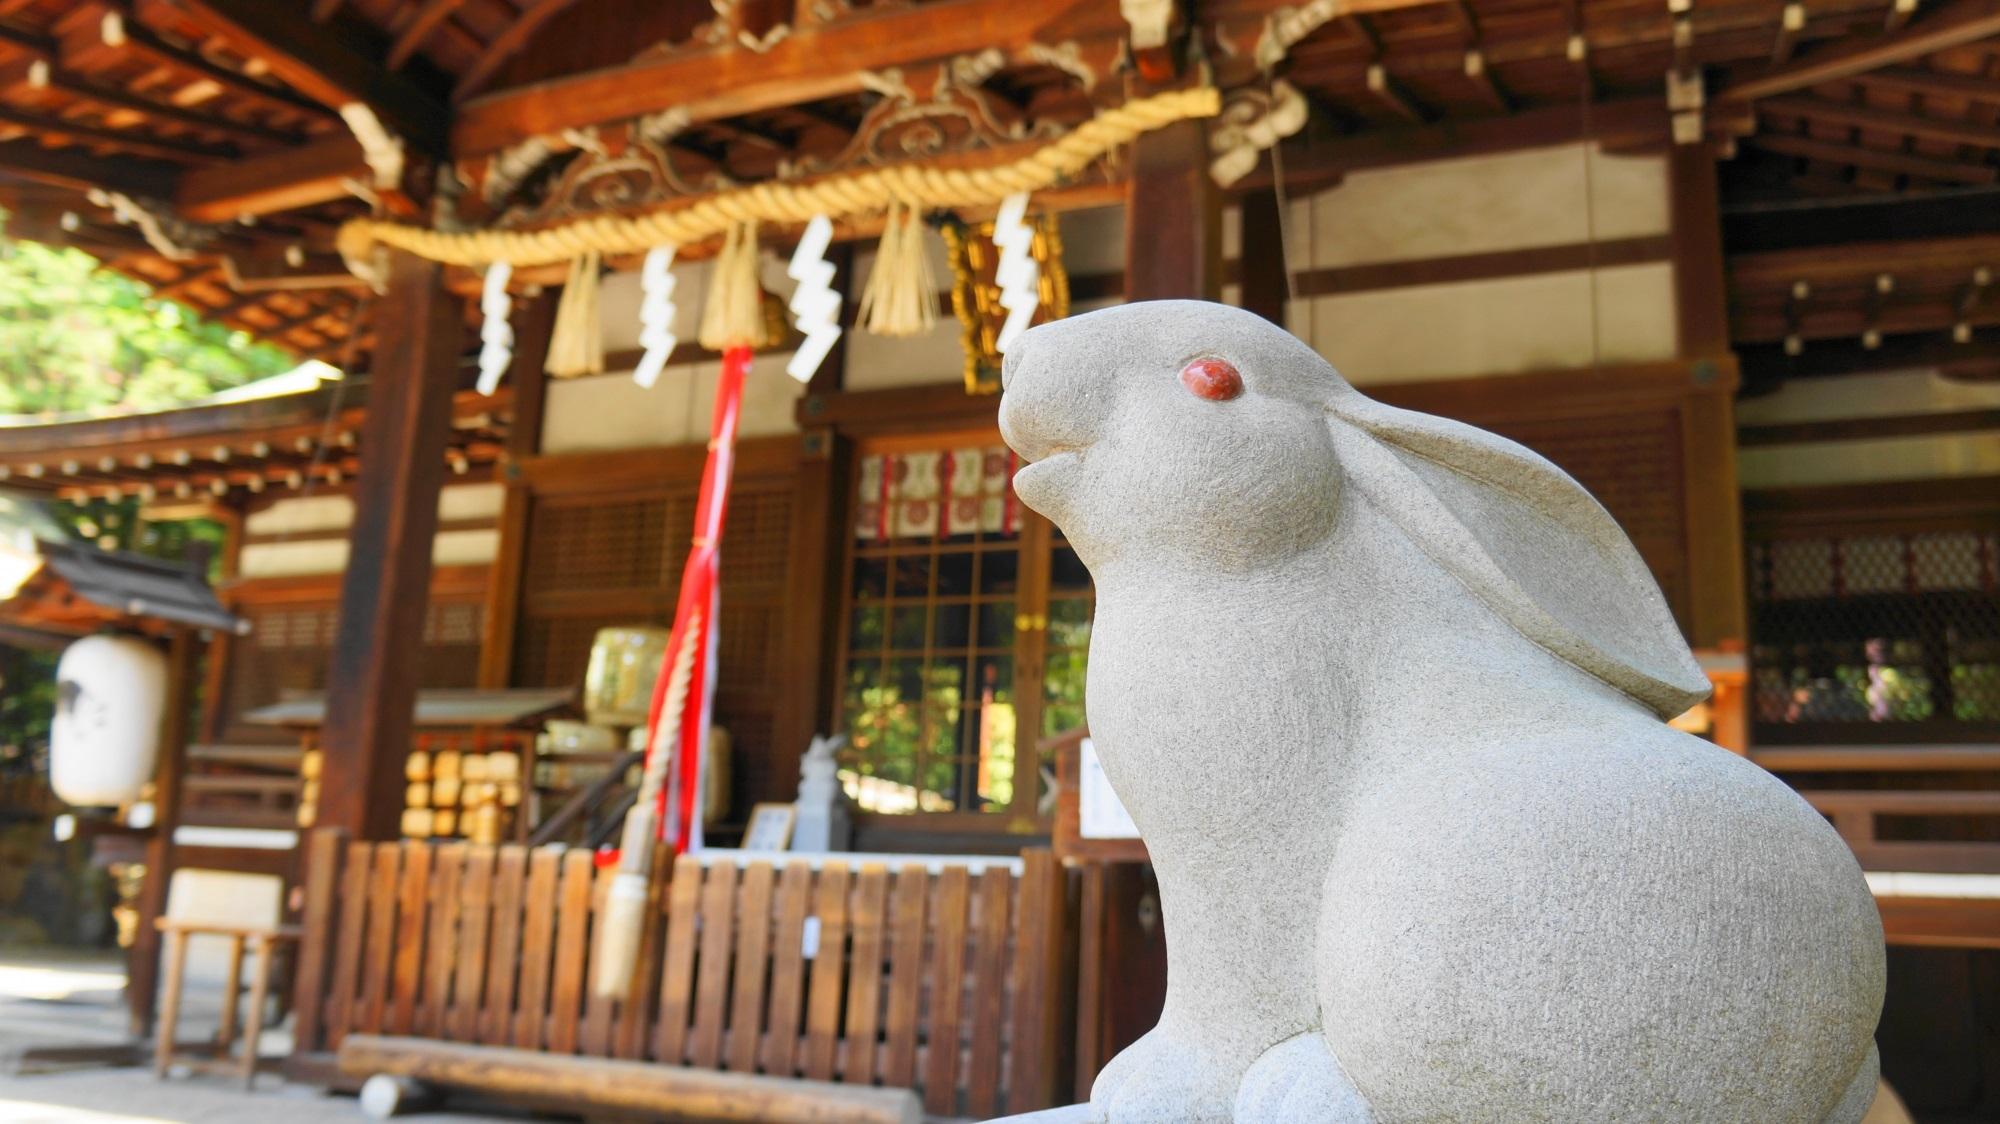 岡崎神社 うさぎの神社・方除厄除の神社